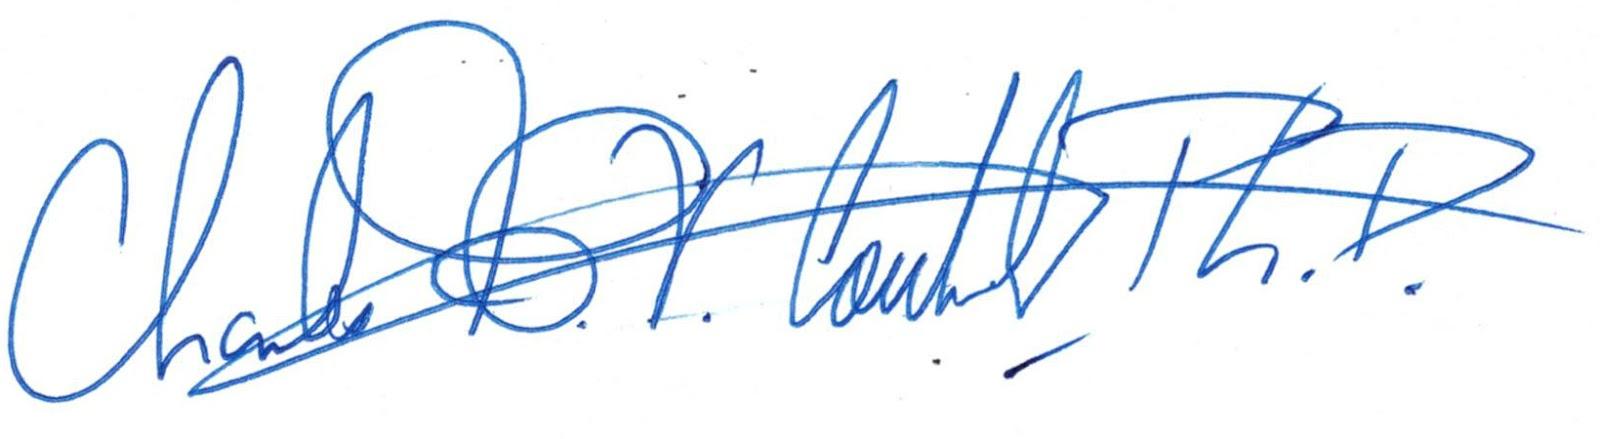 Charles Coutinho Signature.jpg